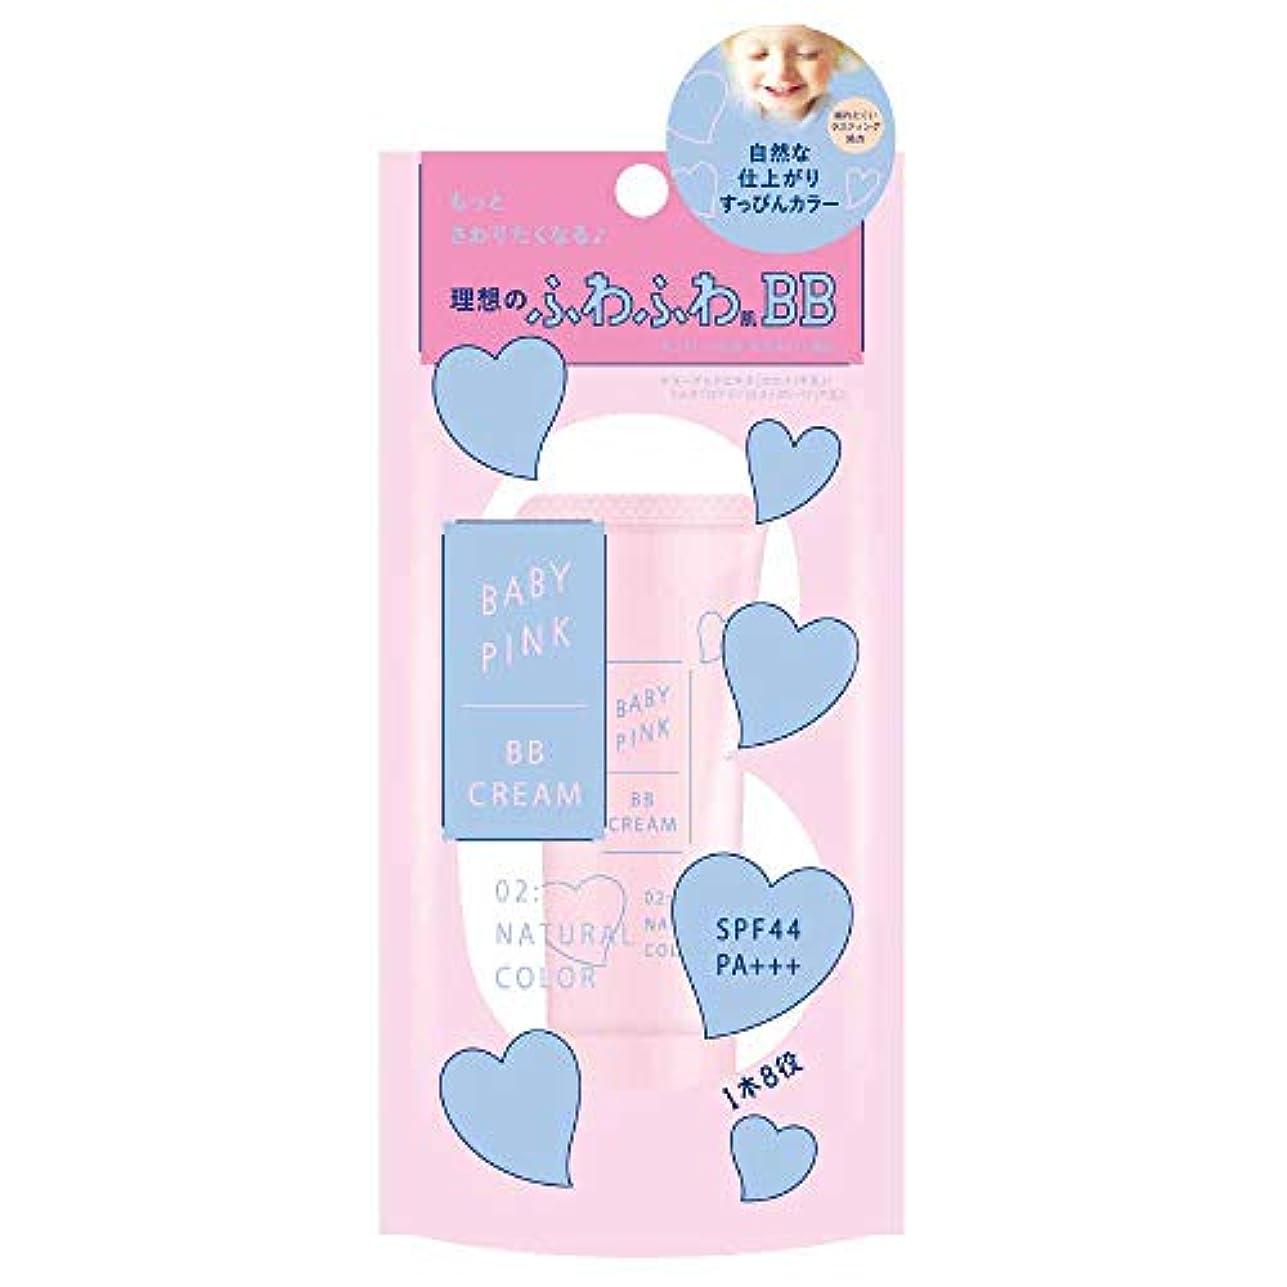 ホバー業界ミシン目ベビーピンク BBクリーム 02:ナチュラルカラー 22g